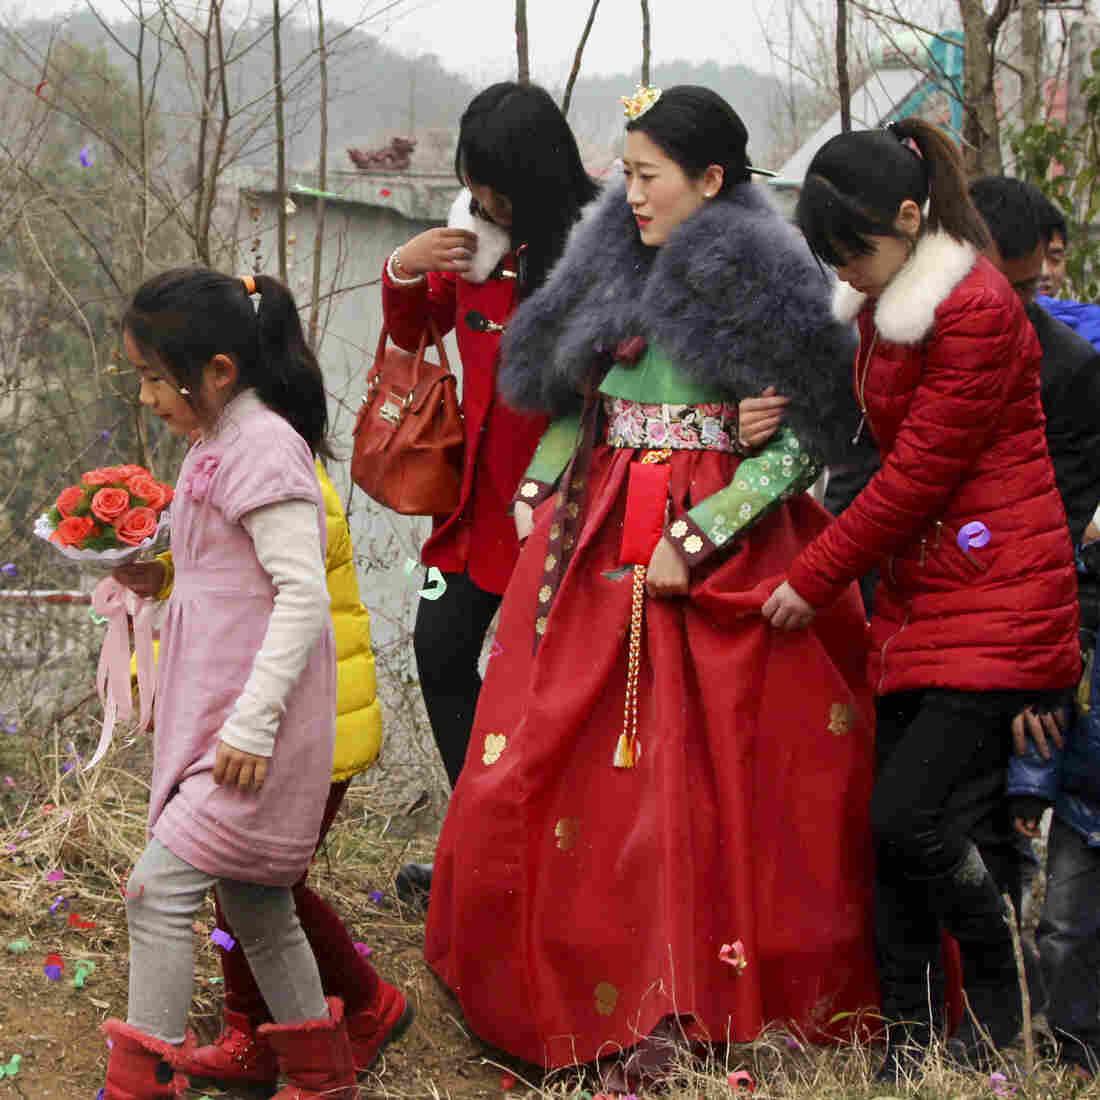 NPR记者驱车800公里送中国新人赴乡村婚礼